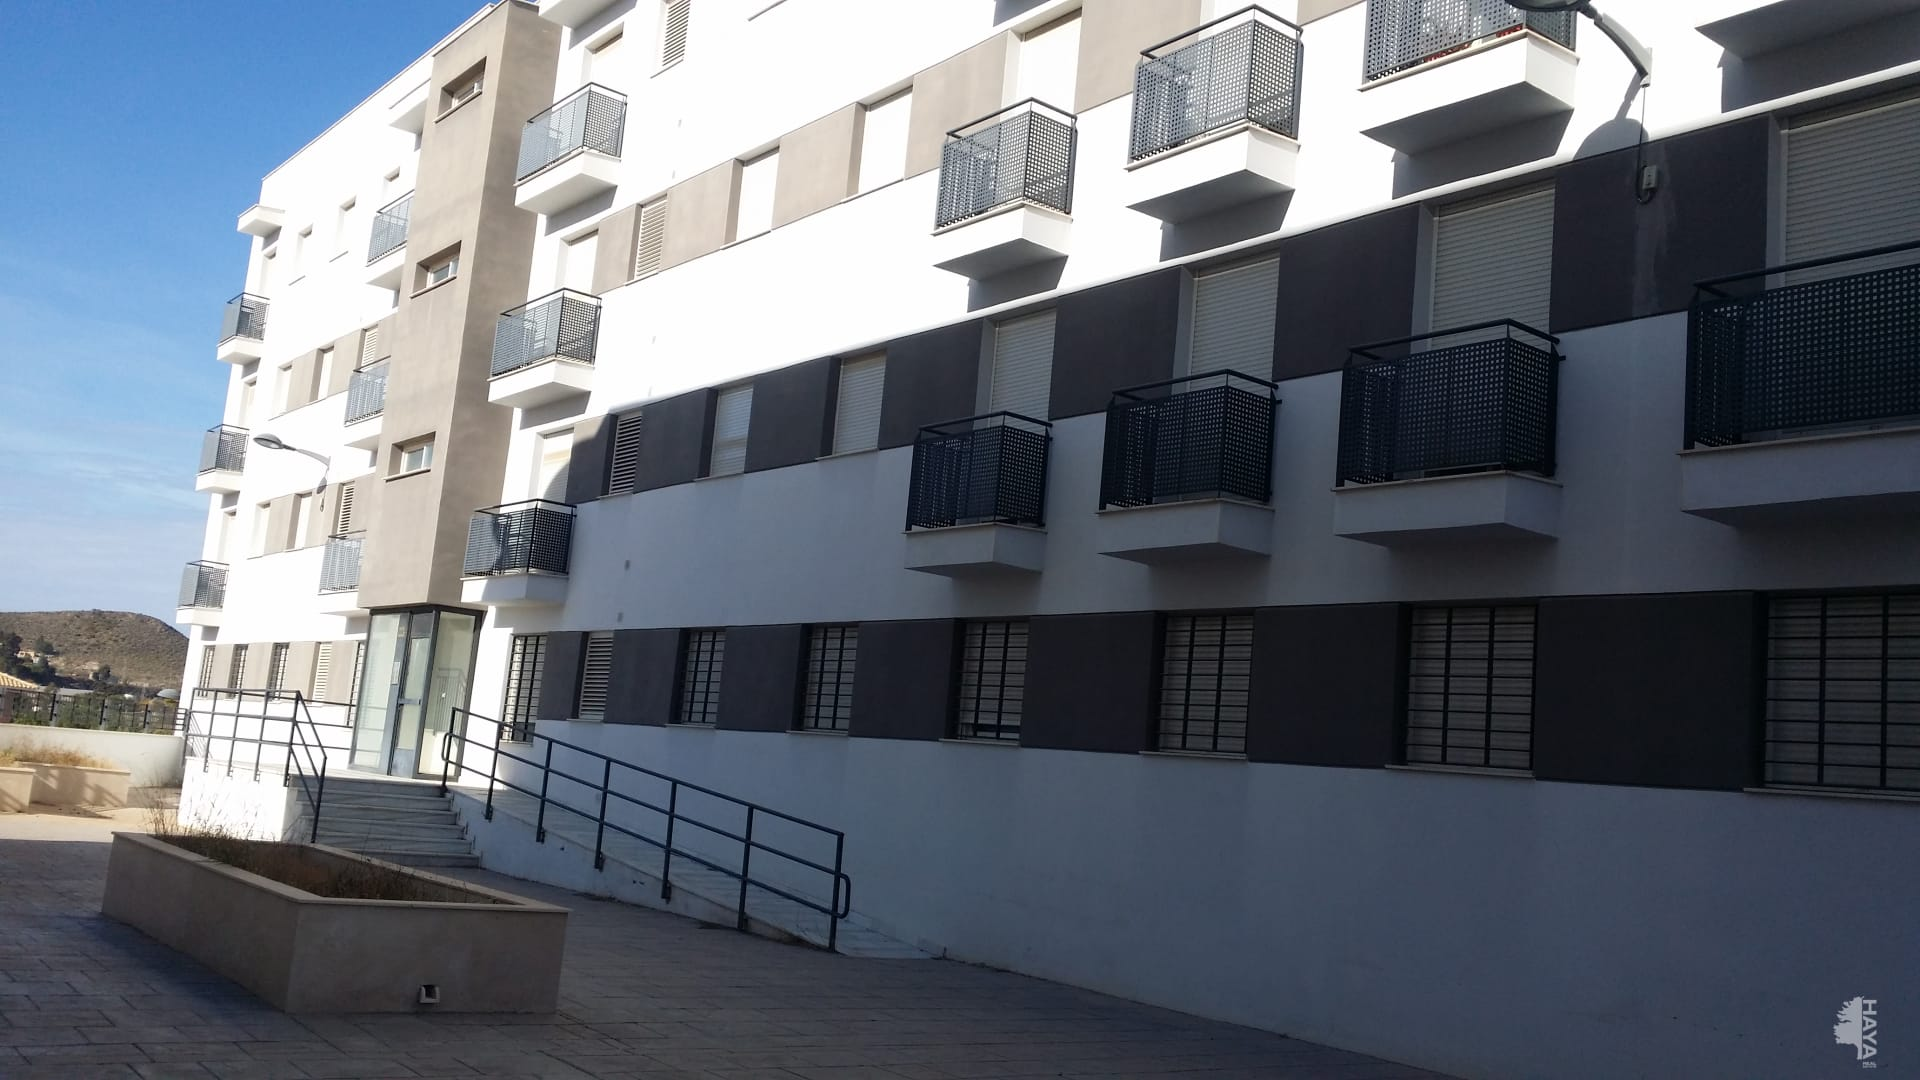 Piso en venta en Huitar Mayor, Olula del Río, Almería, Calle Alta, 75.900 €, 3 habitaciones, 1 baño, 98 m2